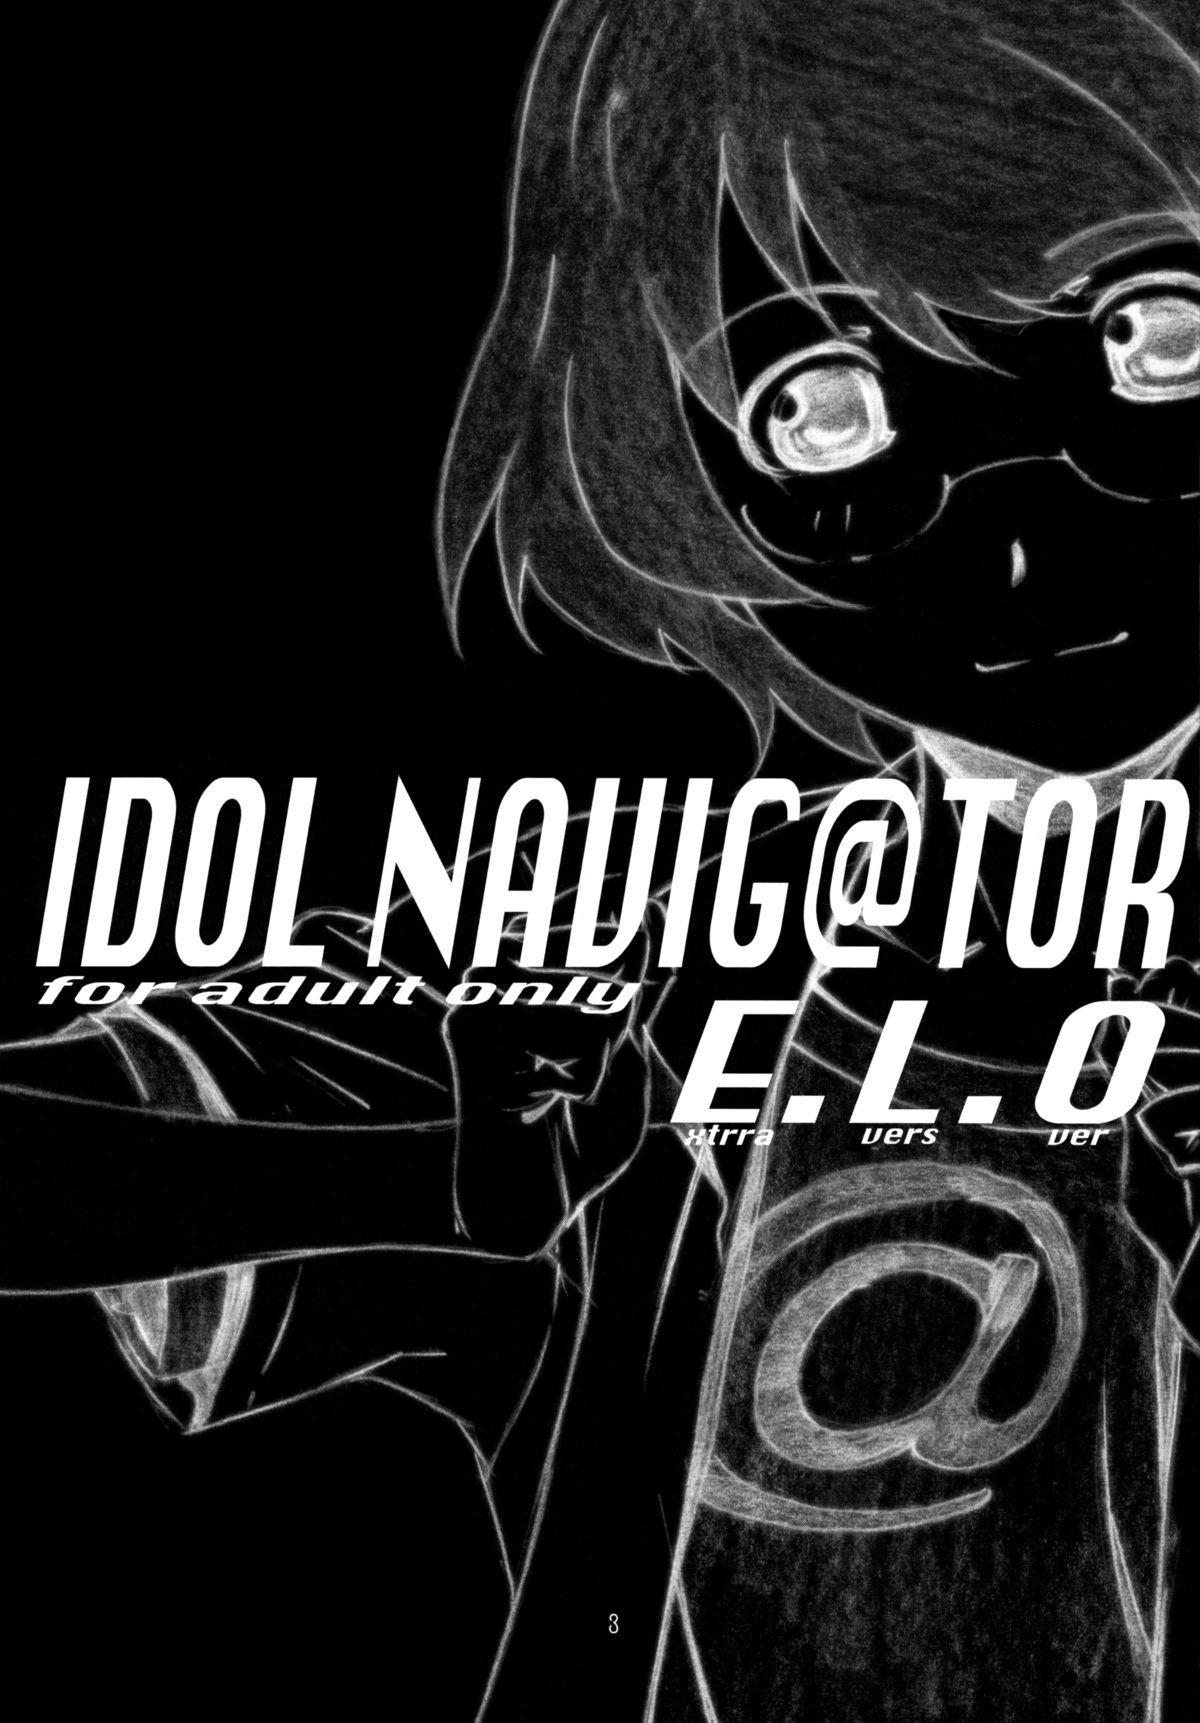 IDOL NAVIG@TOR E.L.O 1